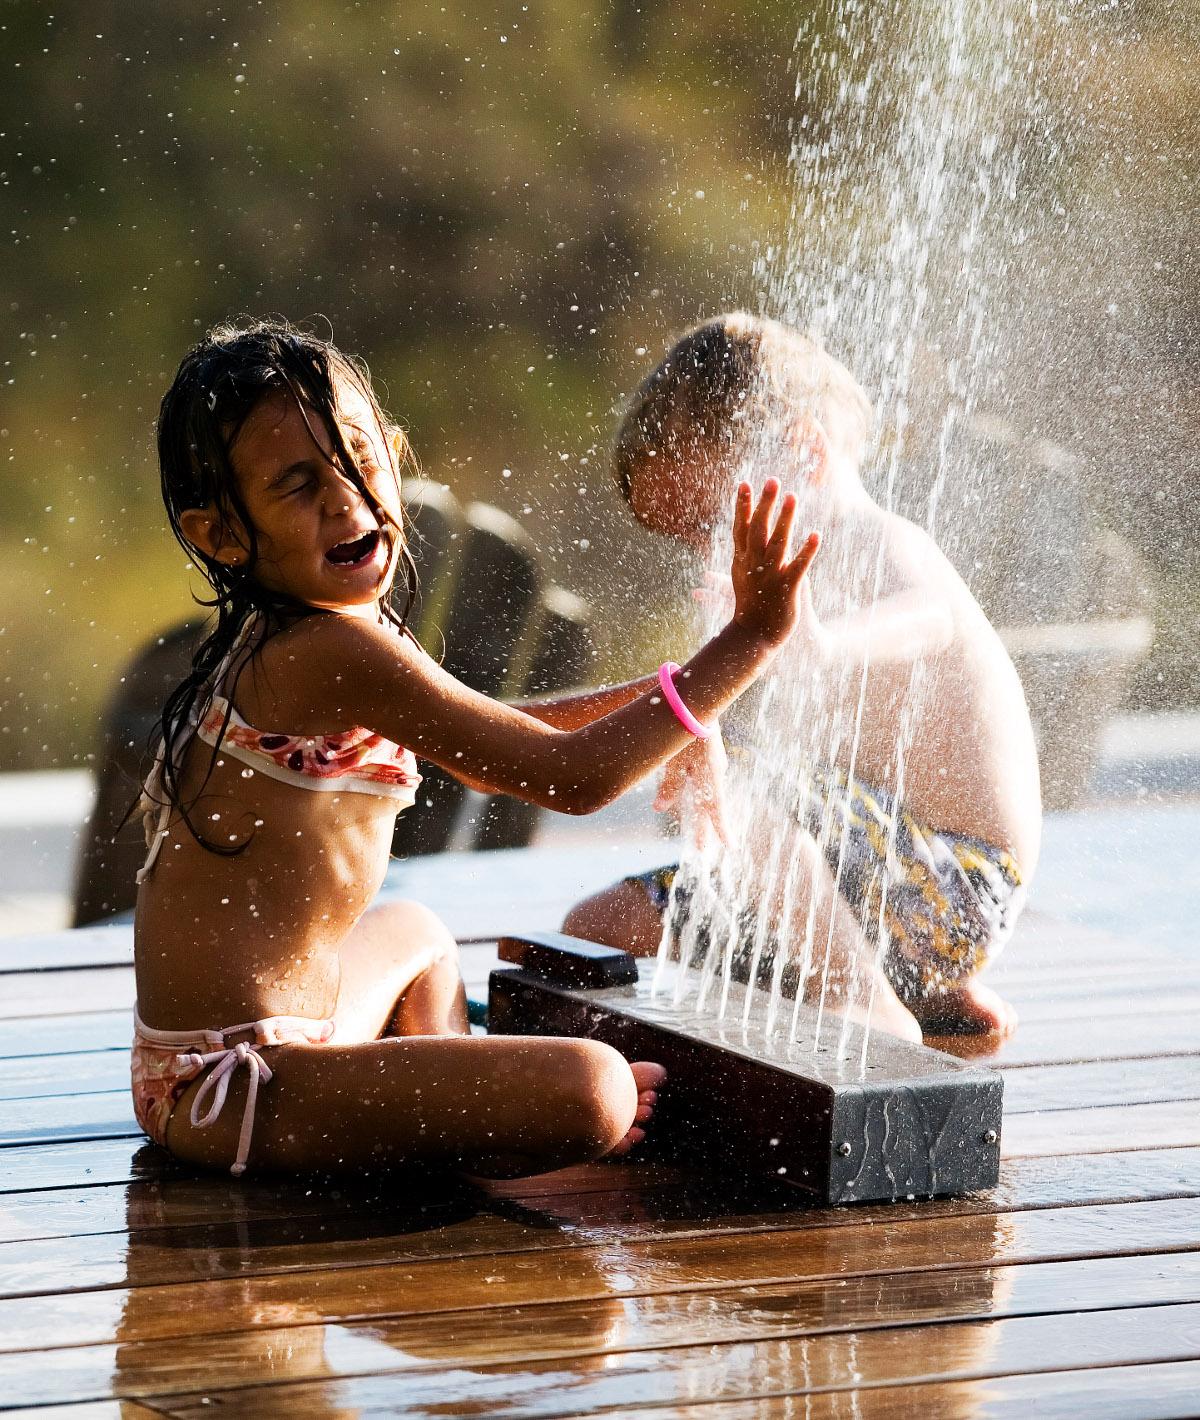 Gartenduschen -Wasserspiele im Garten